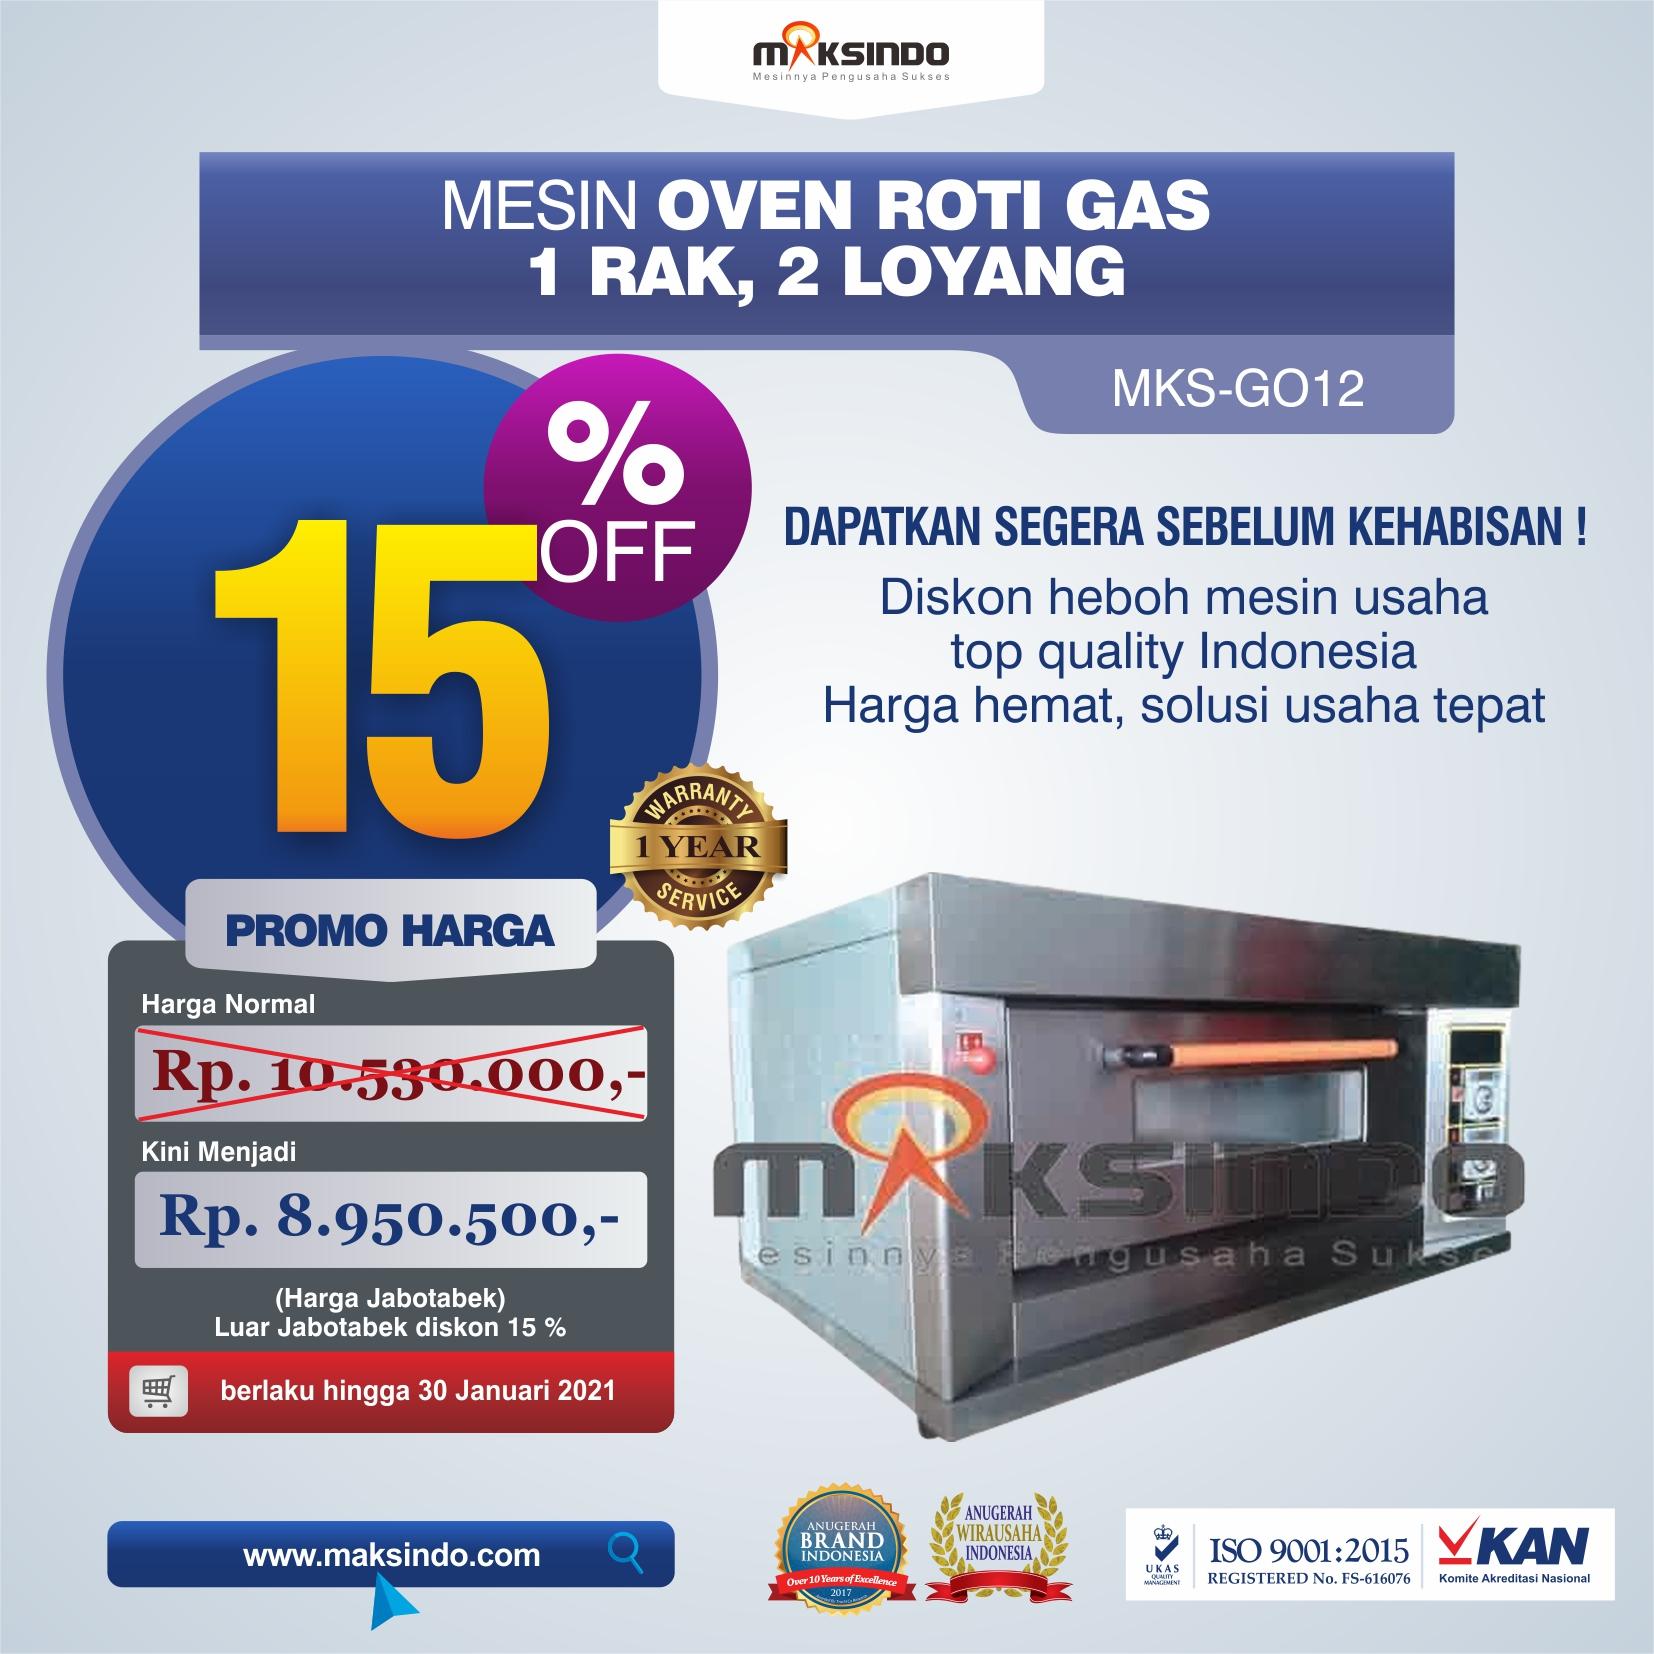 Jual Mesin Oven Gas 2 Loyang (MKS-GO12) di Solo